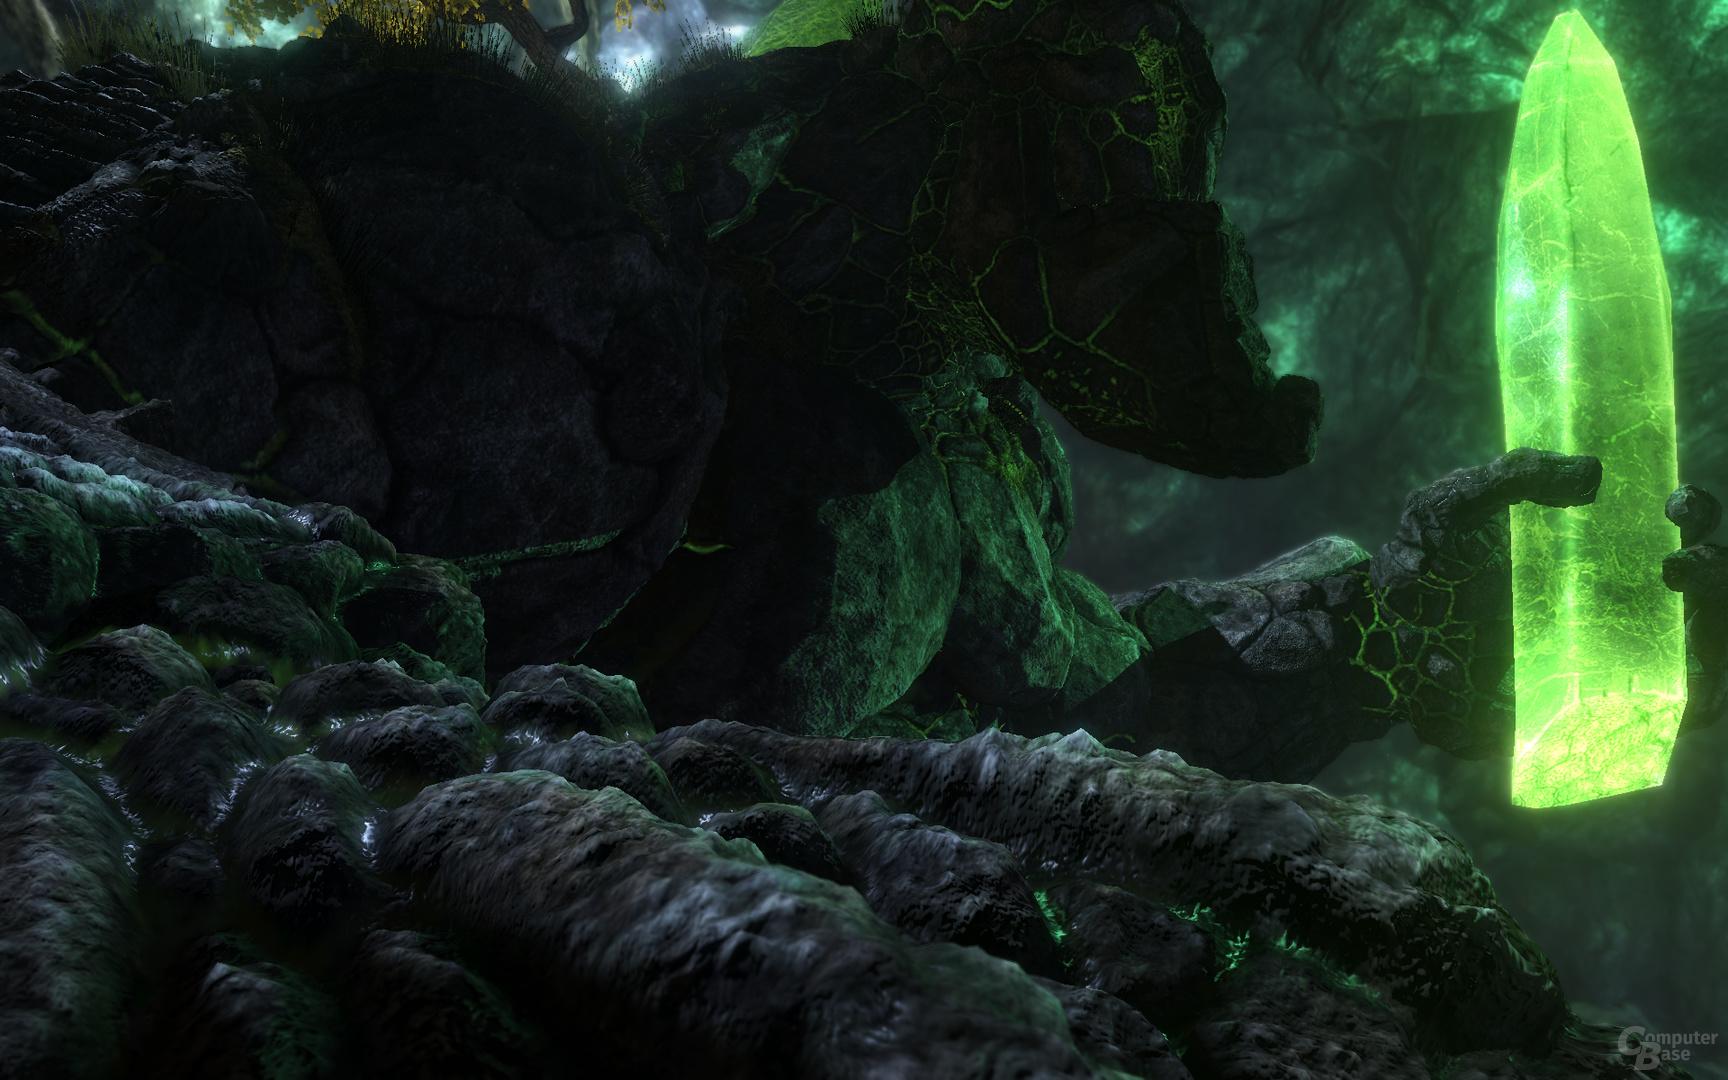 Stone Giant – 32x